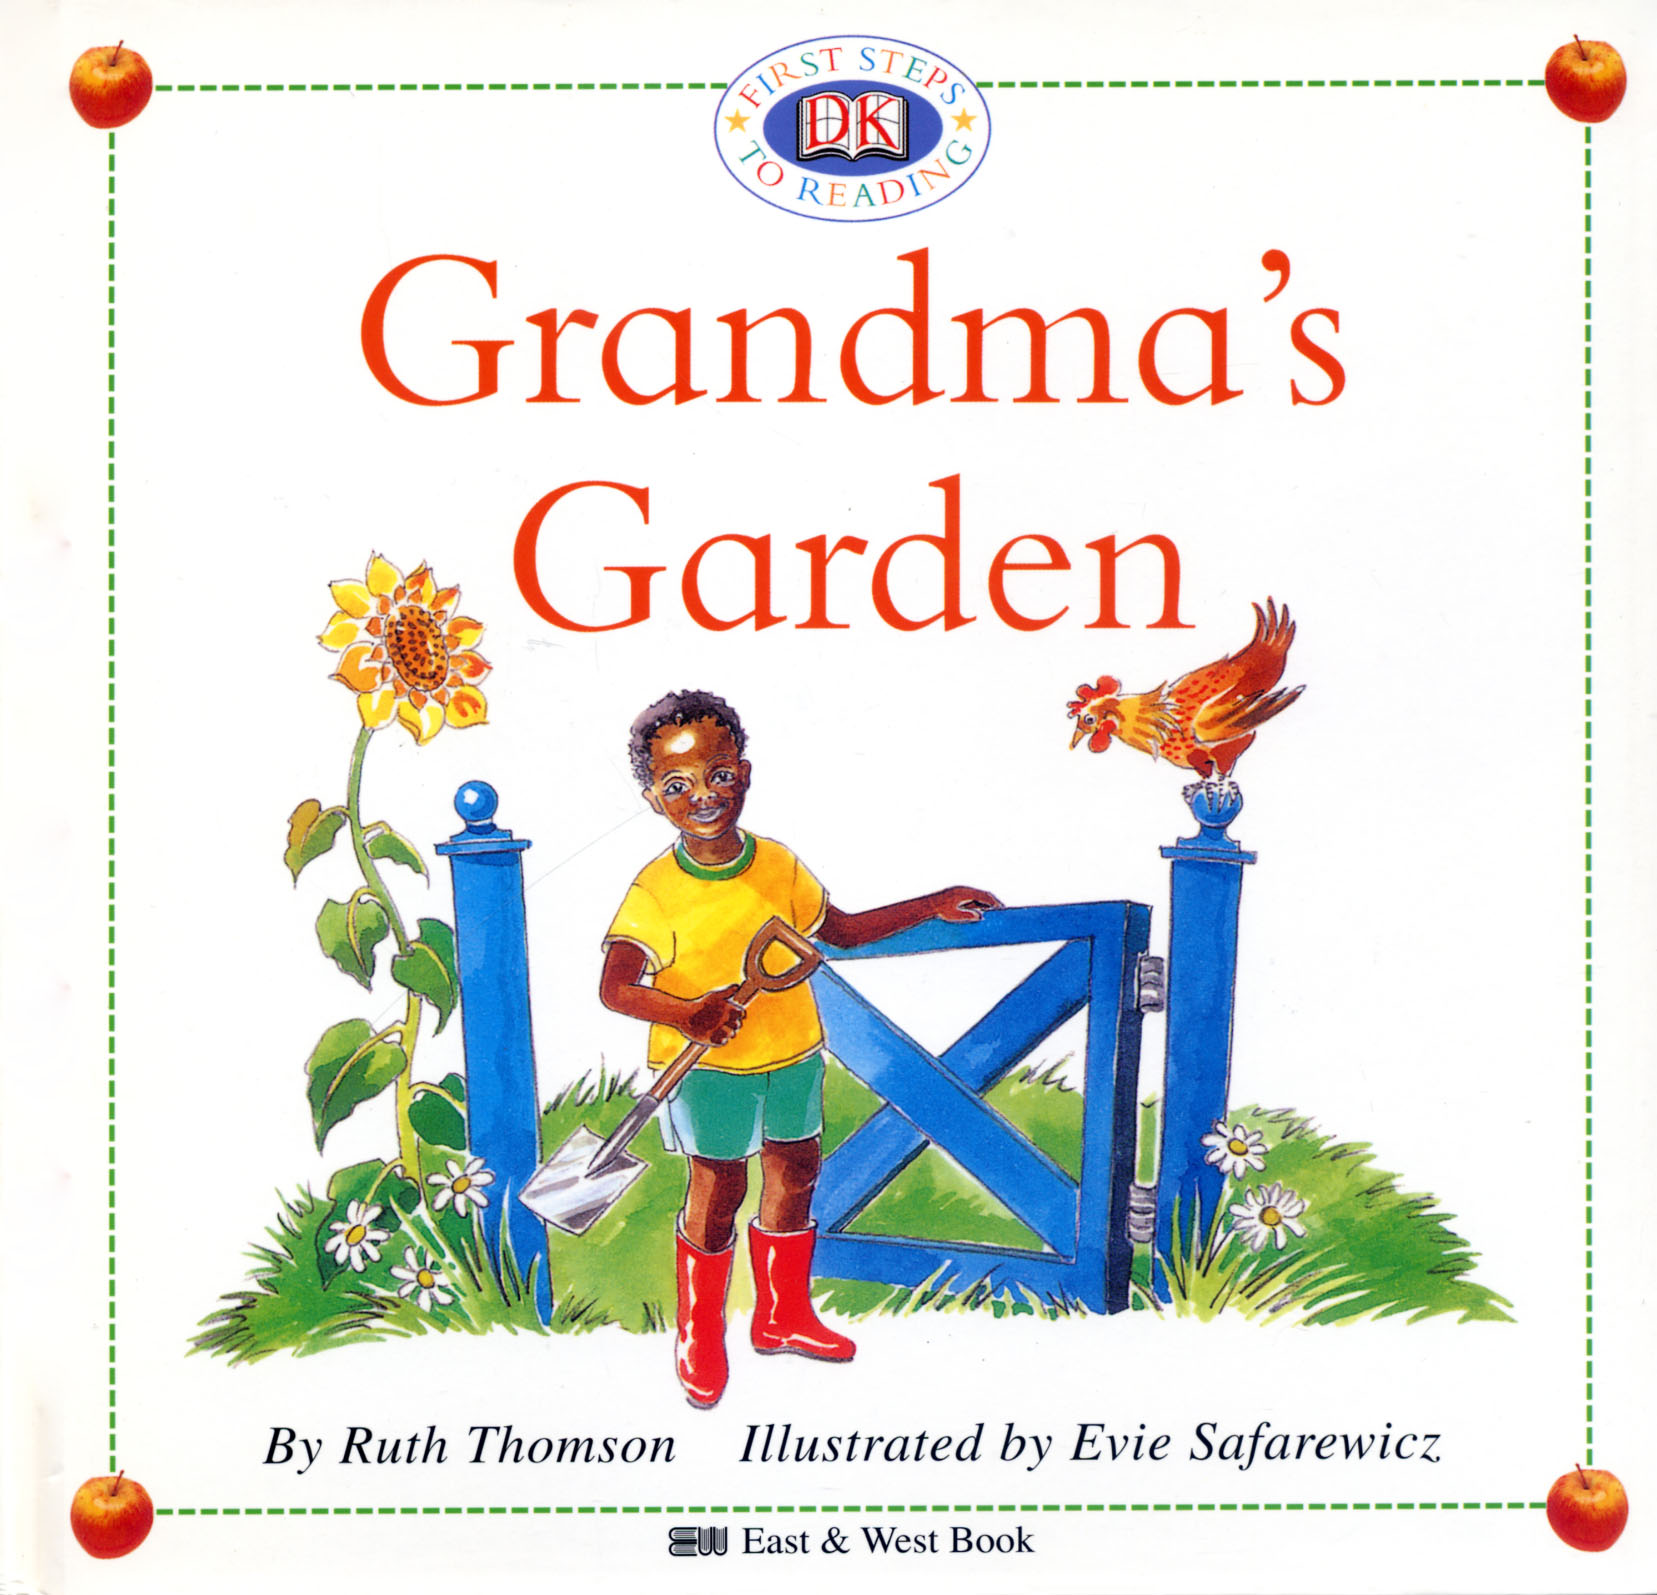 兒童英語啟蒙閱讀讀本: Grandma's Garden